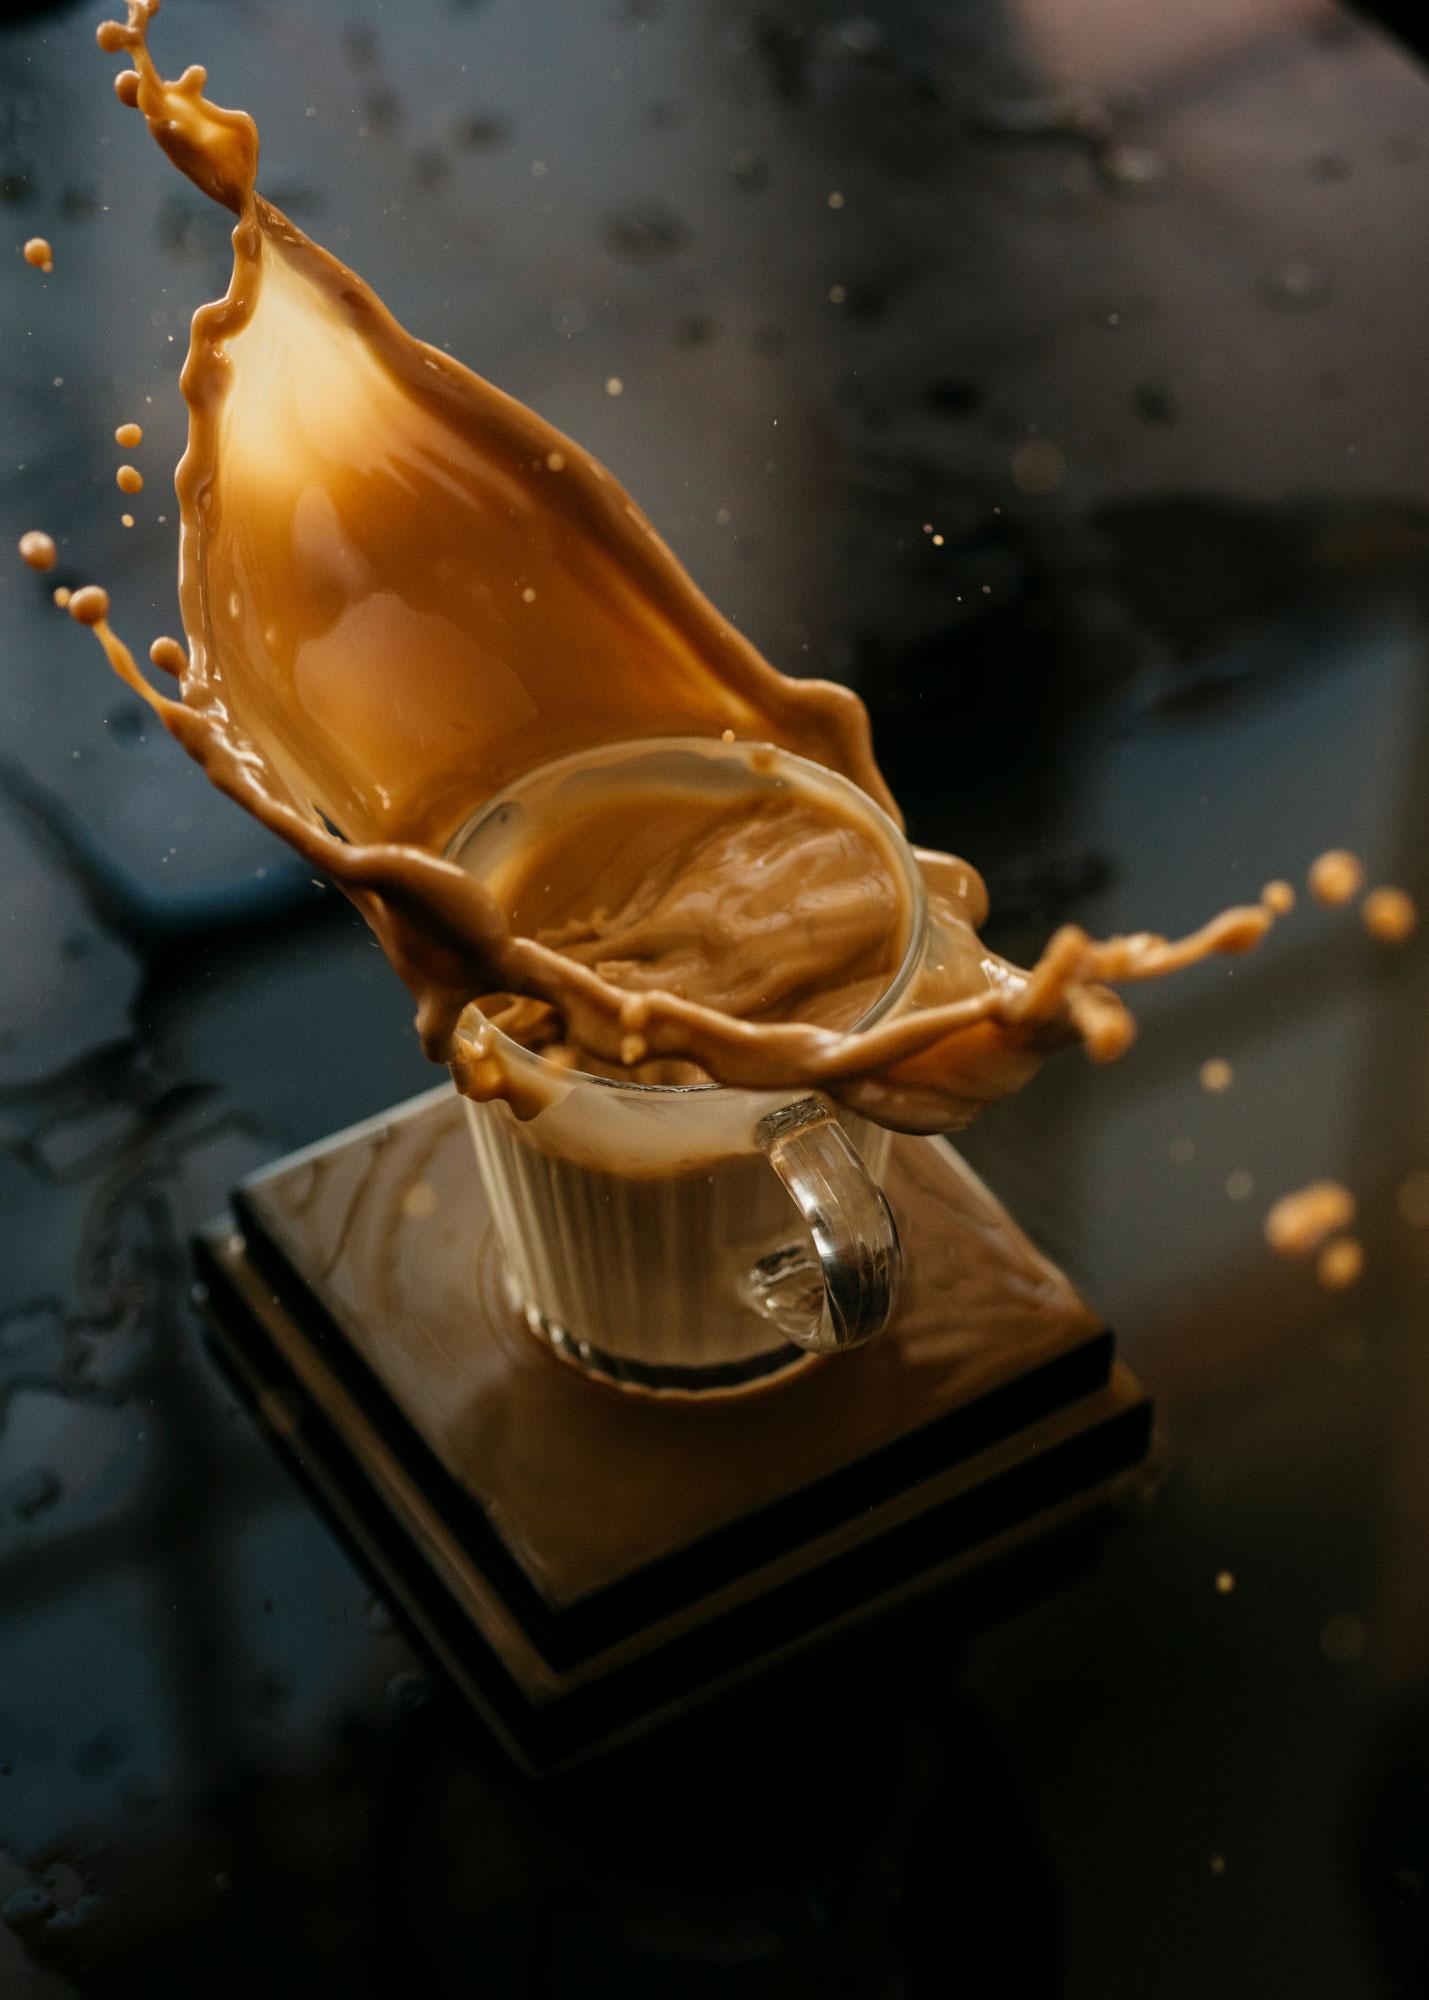 CoffeeSplash_RebeccaPeloquin011.JPG